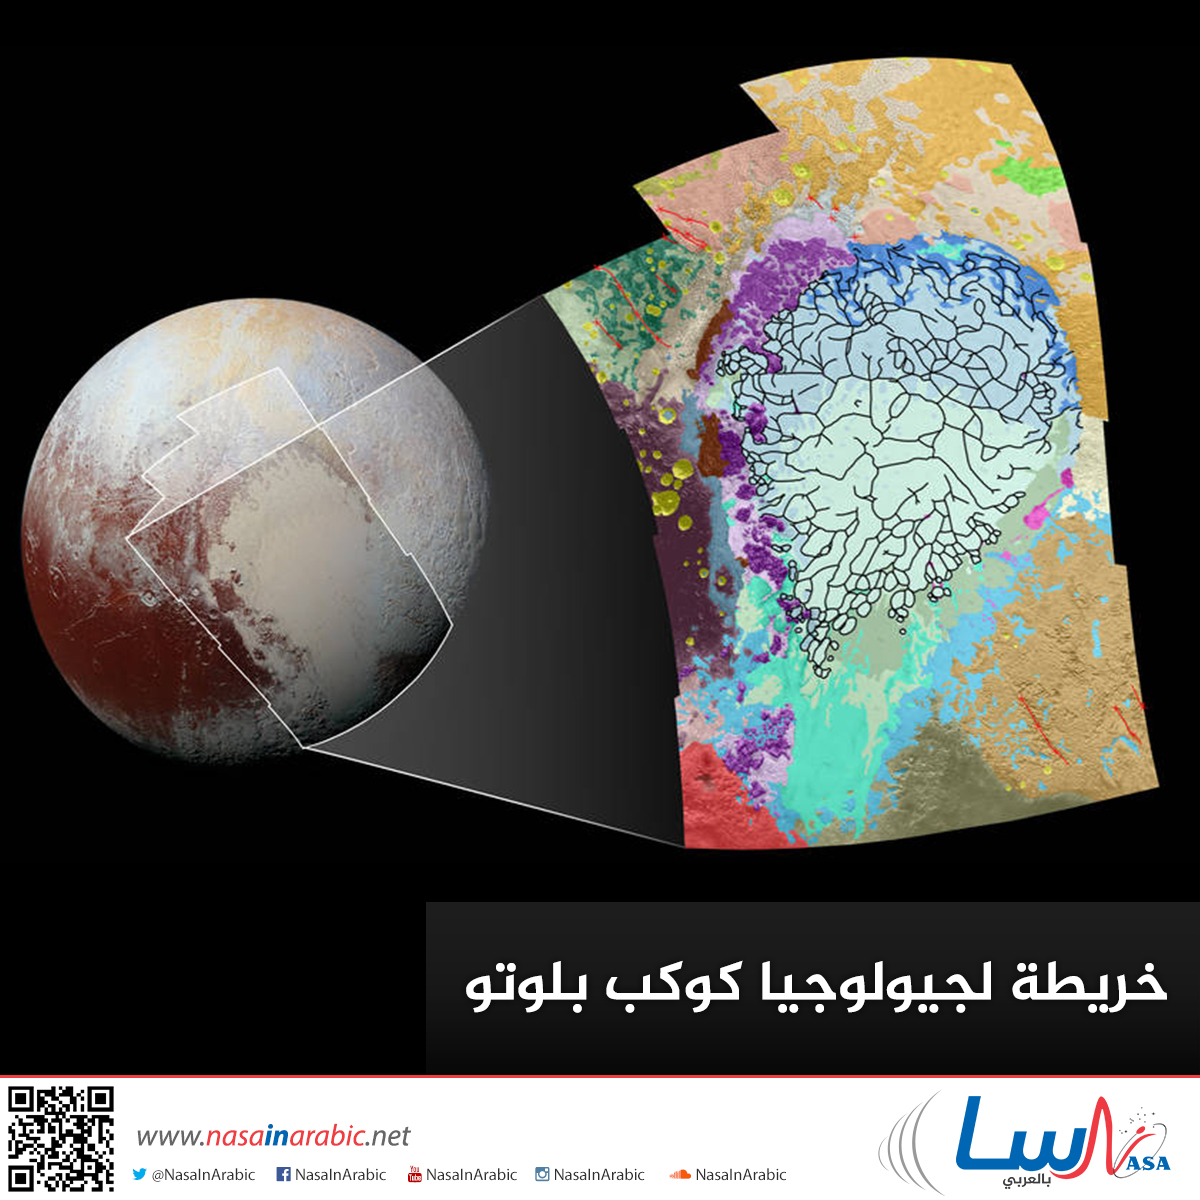 خريطة لجيولوجيا كوكب بلوتو